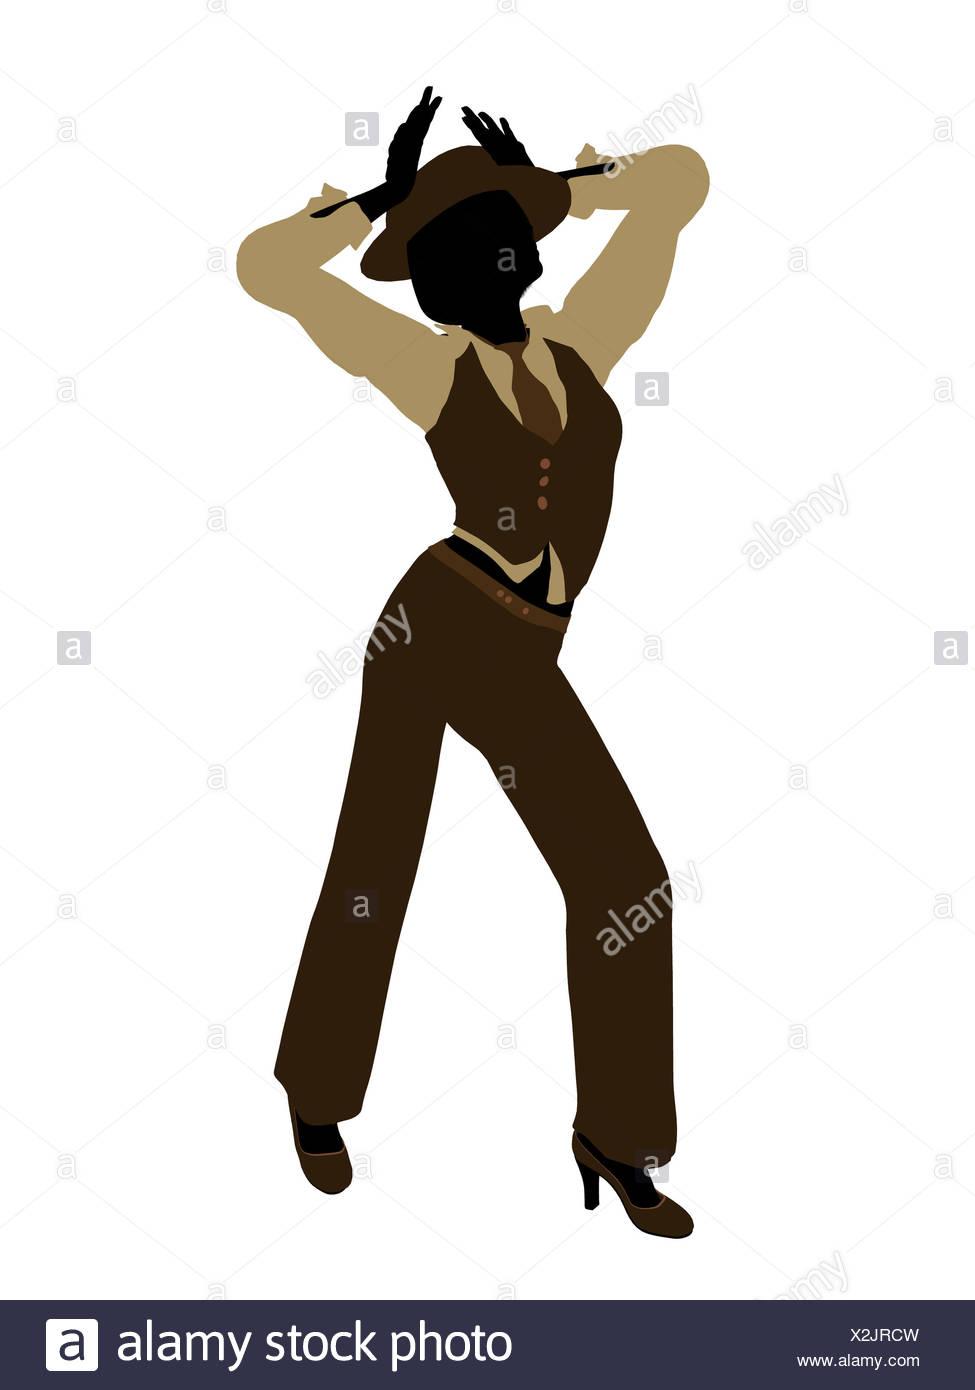 Female Jazz Dancer Silhouette Stock Photo Alamy